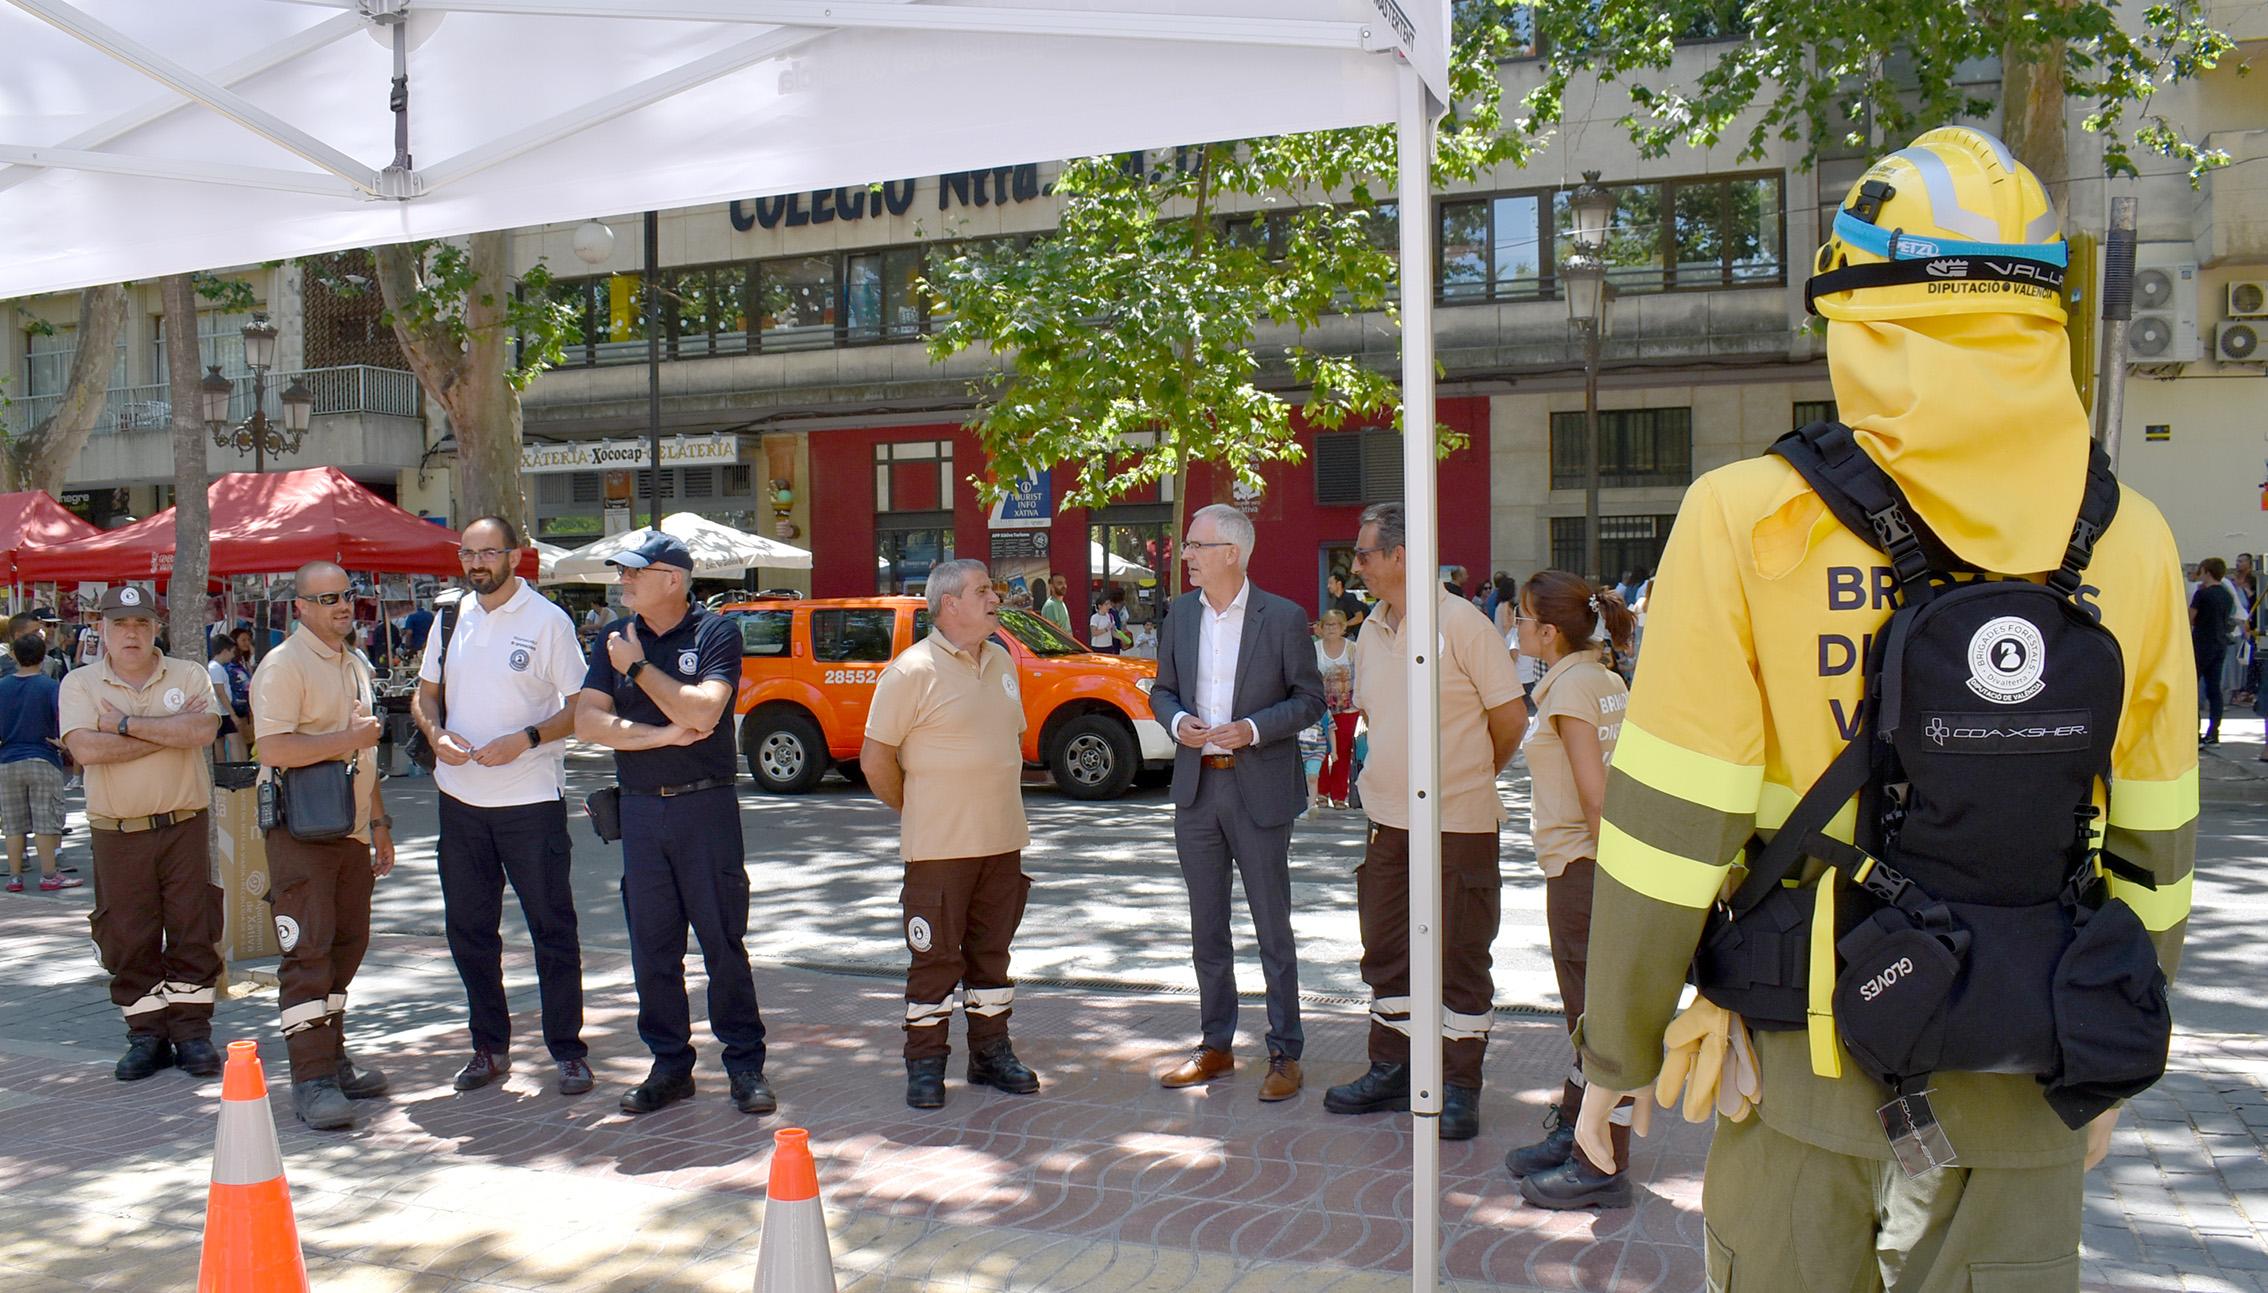 Les brigades de la Diputació de València han participat en la Jornada de presentació de novetats i efectius d'incendis forestals per a la campanya d'estiu 2018.